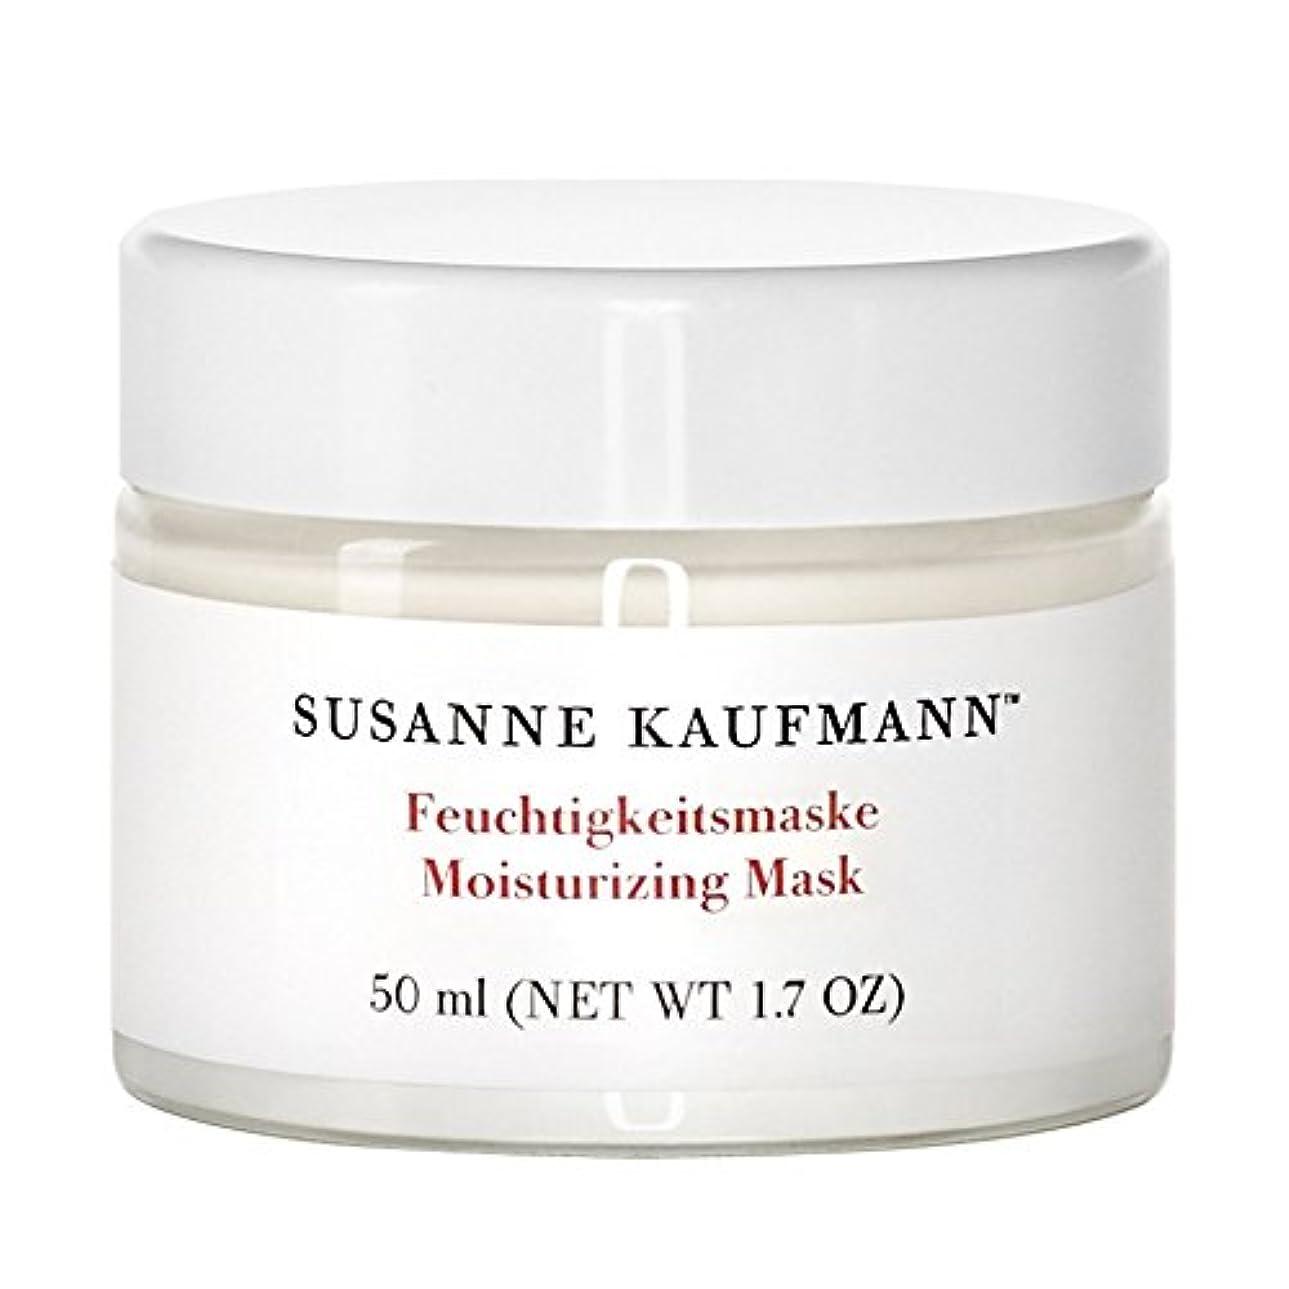 モチーフペルメル建てるスザンヌカウフマン保湿マスク50ミリリットル x4 - Susanne Kaufmann Moisturising Mask 50ml (Pack of 4) [並行輸入品]